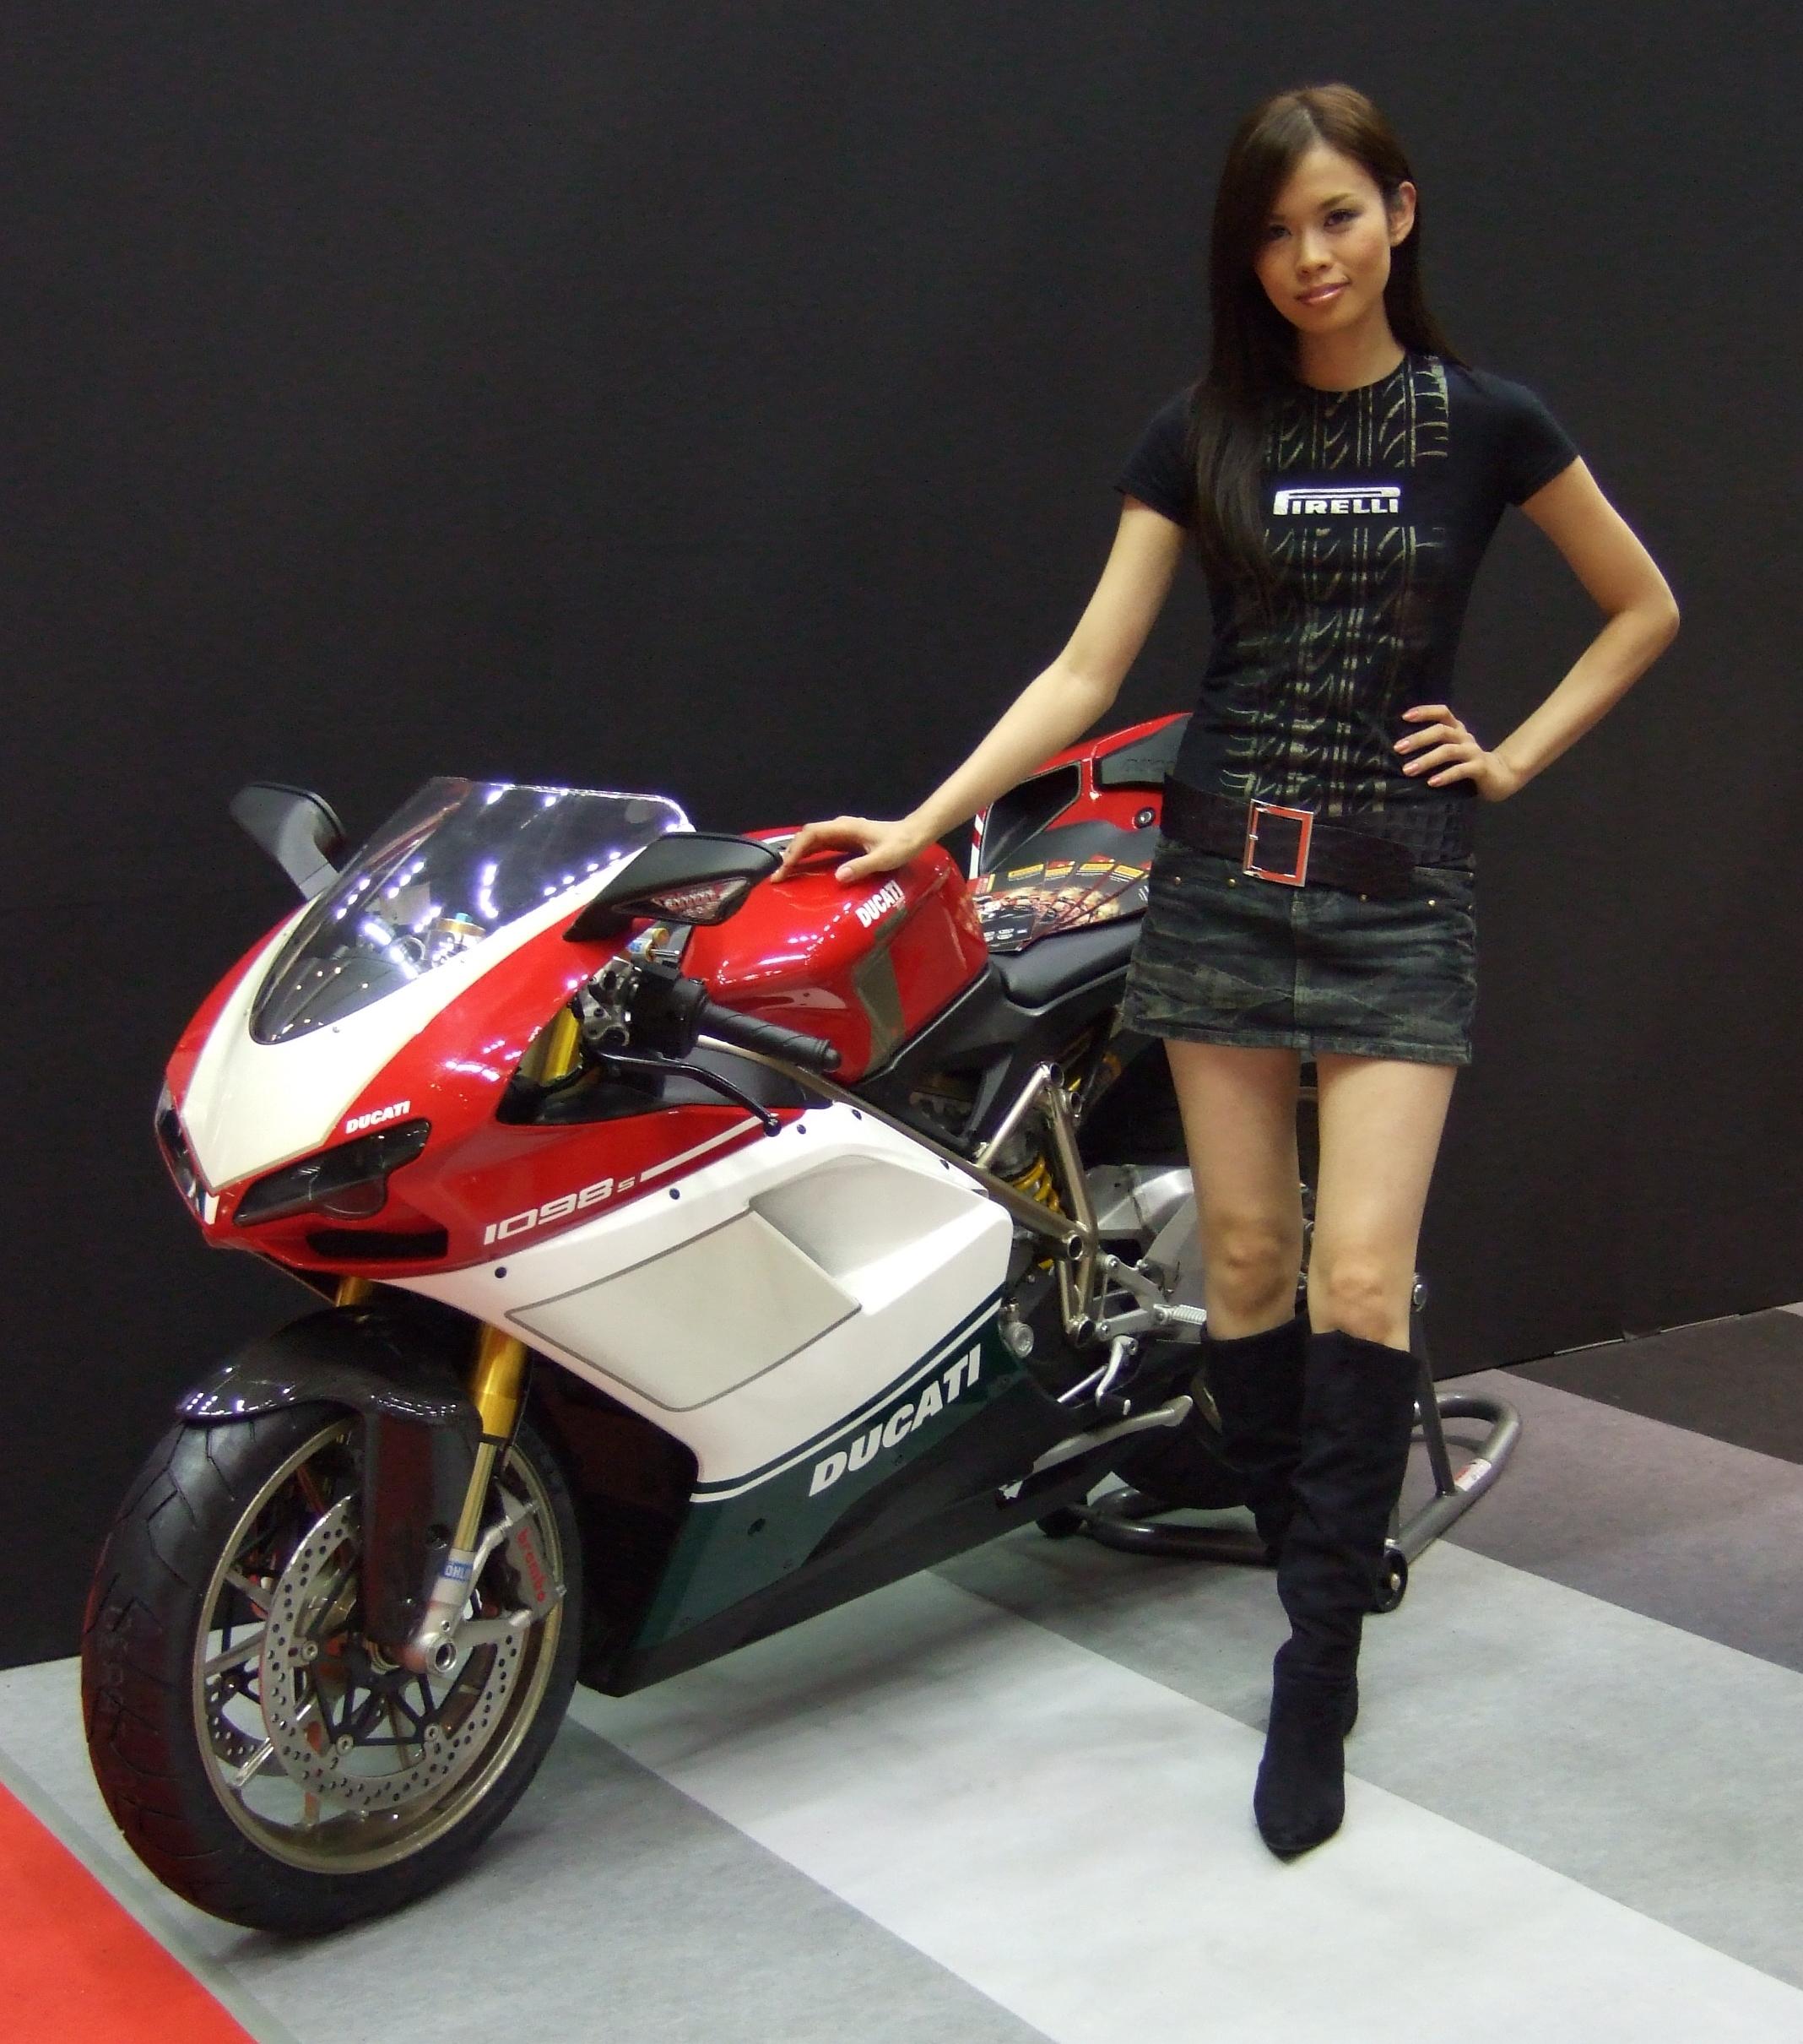 Ktm Wikipedia >> File:Ducati 1098S Tricolore.jpg - Wikimedia Commons